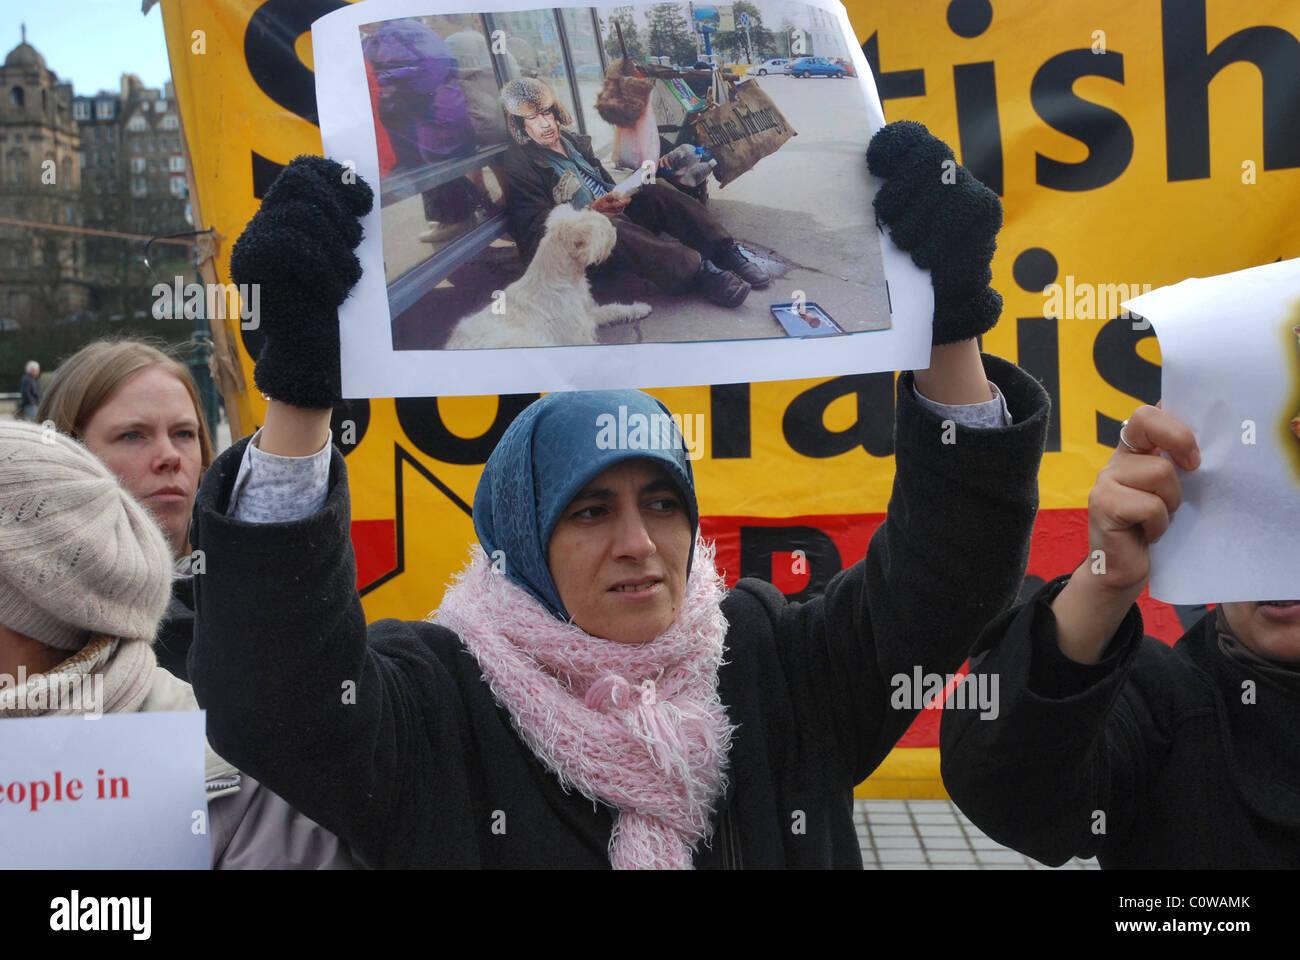 Un manifestant est titulaire d'une photo se moquant Col.Kadhafi lors d'une manifestation sur le monticule Photo Stock